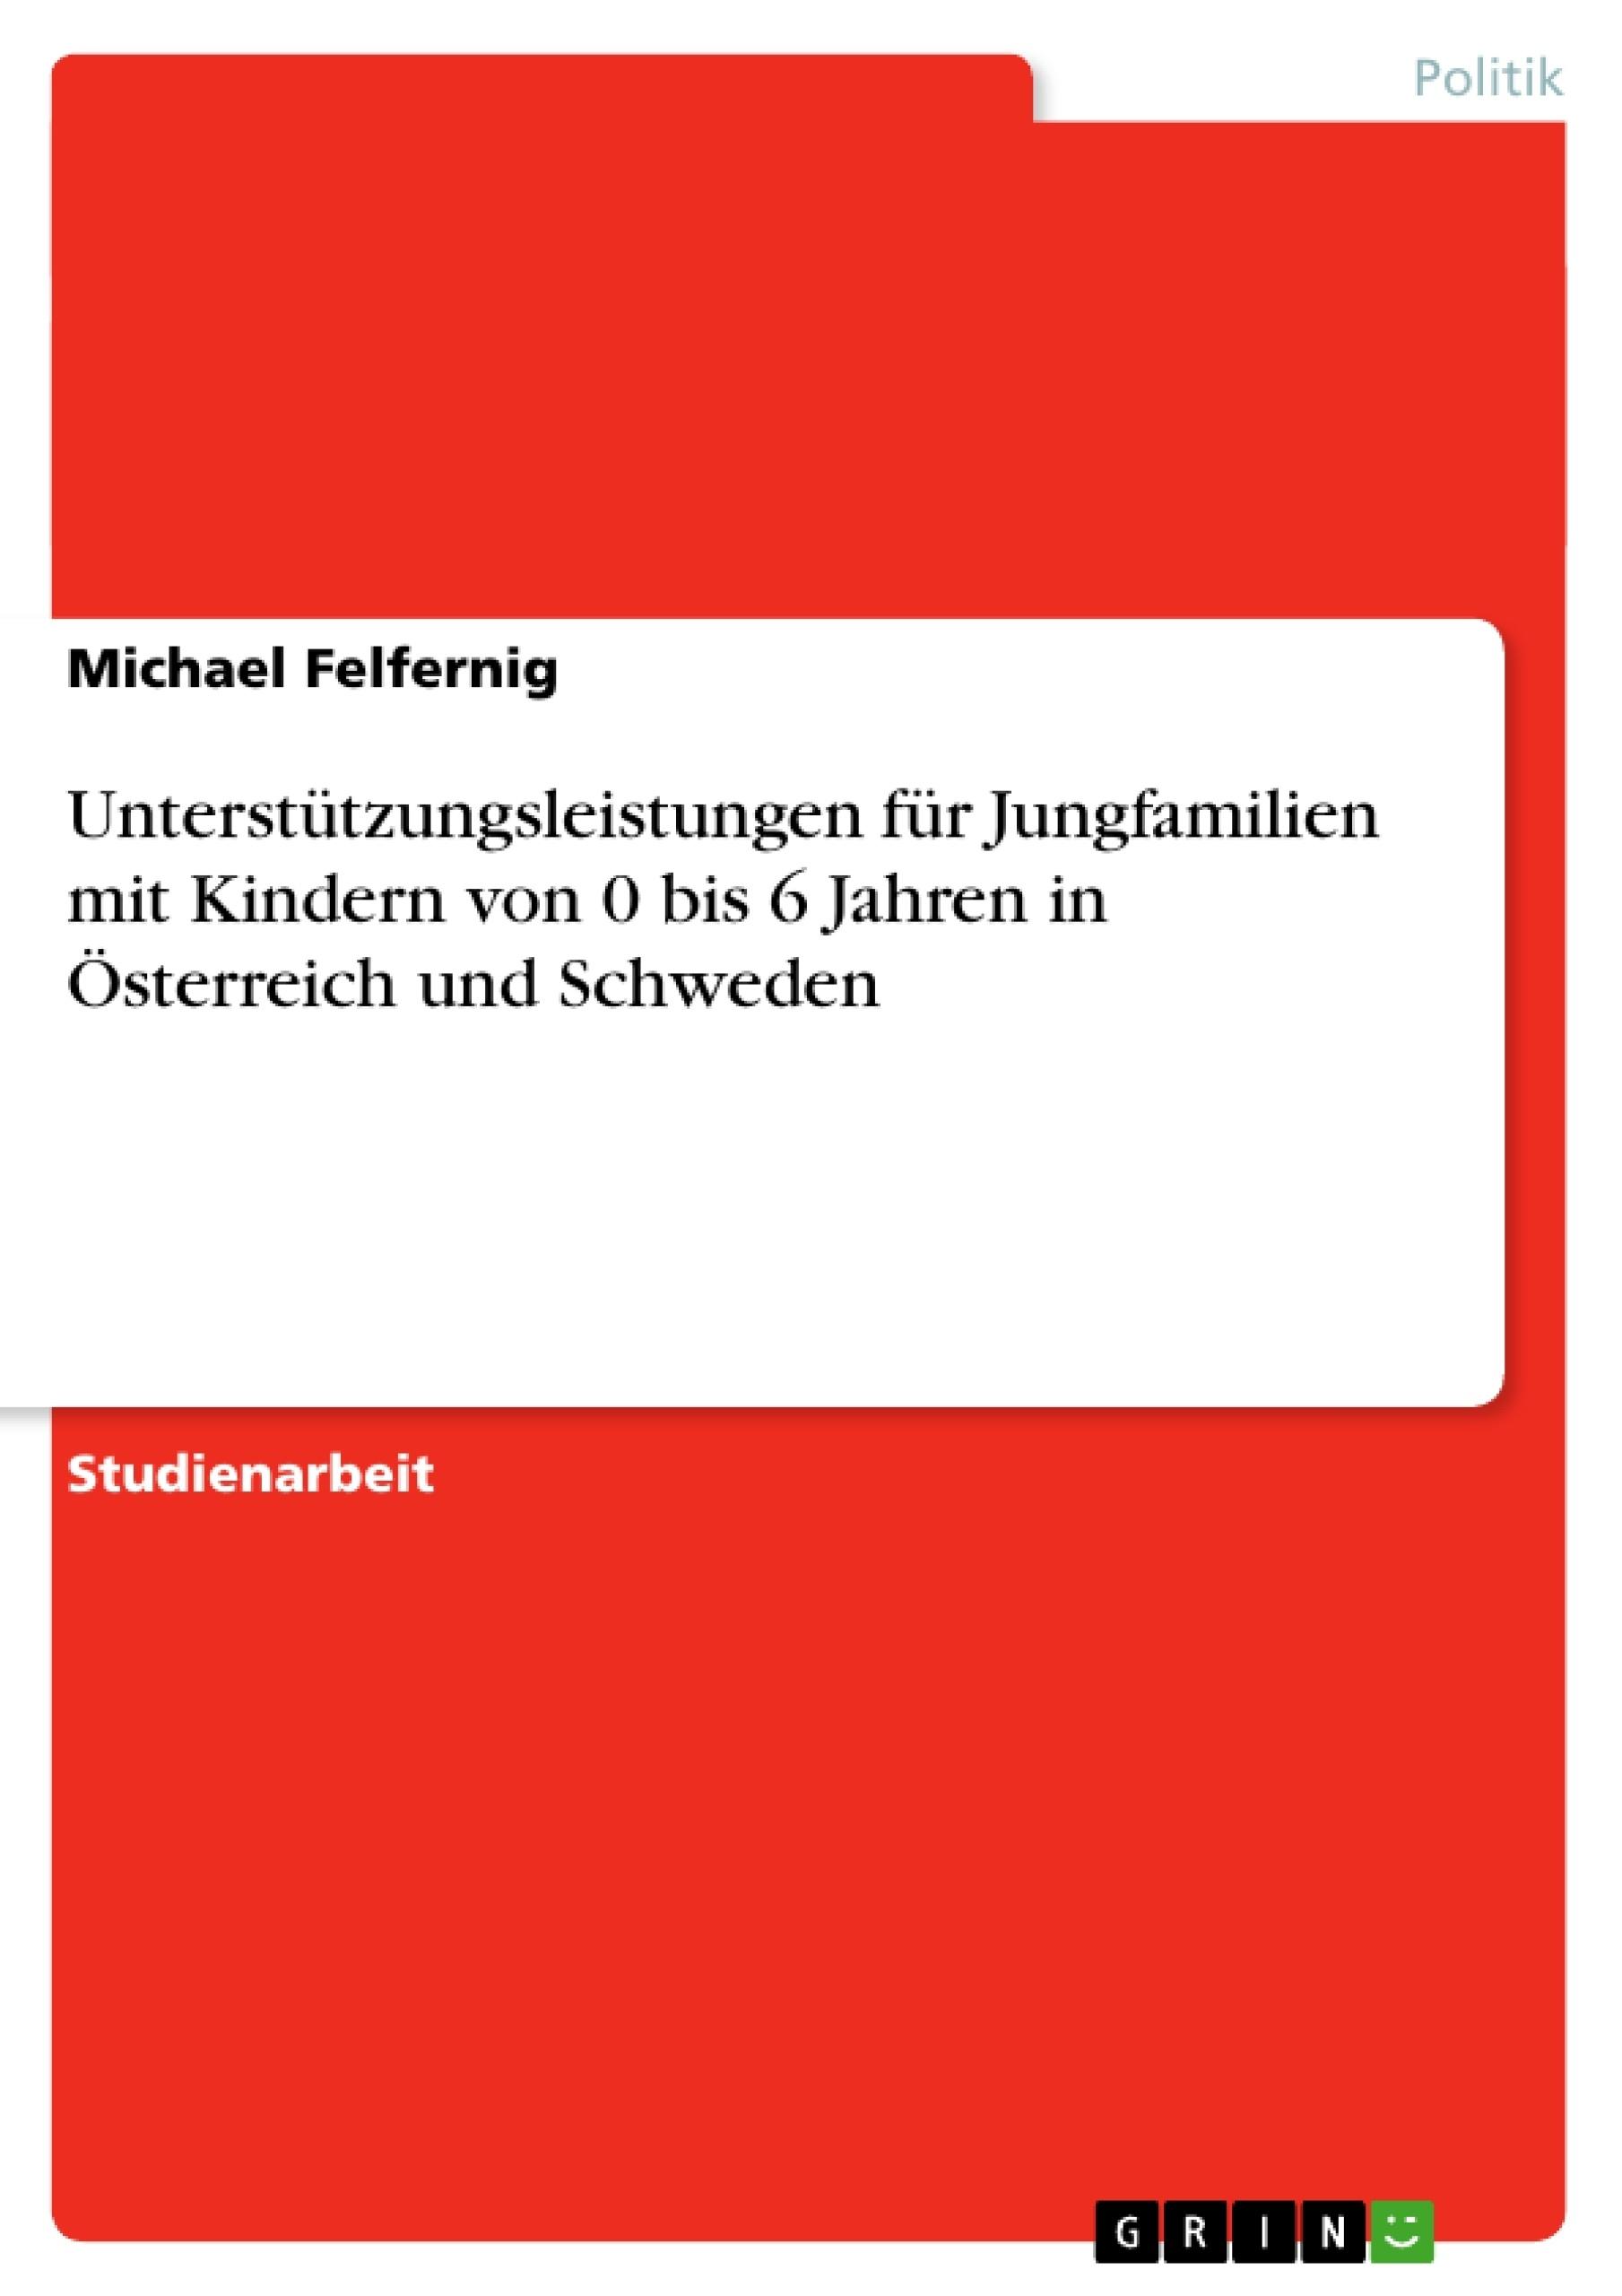 Titel: Unterstützungsleistungen für Jungfamilien mit Kindern von 0 bis 6 Jahren in Österreich und Schweden